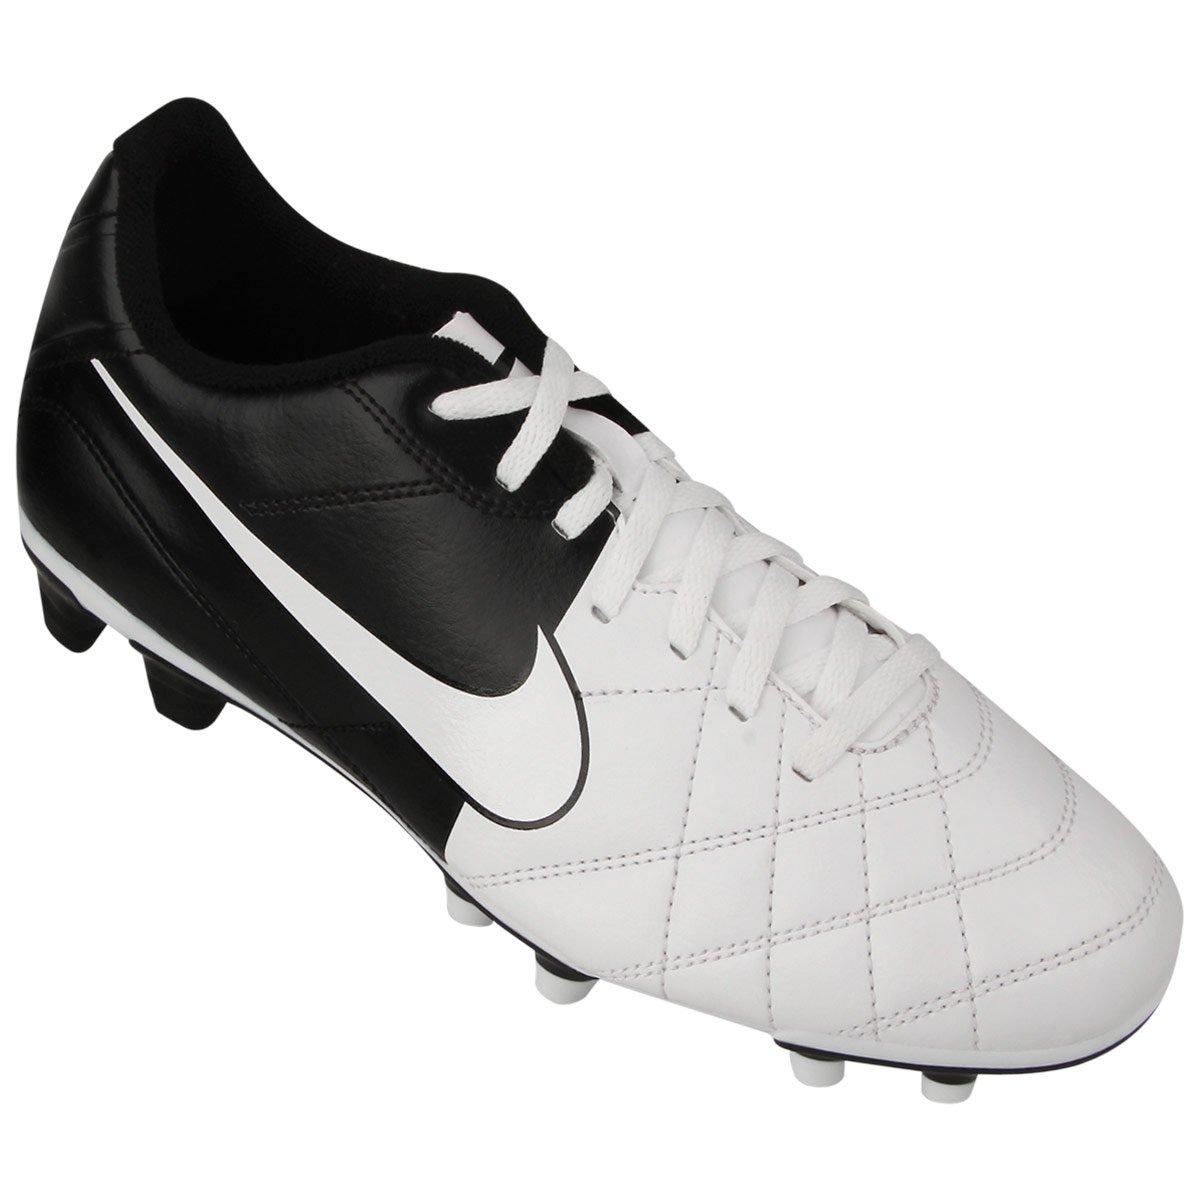 64c1c8ada3 Chuteira Nike Tiempo Rio FG - Compre Agora